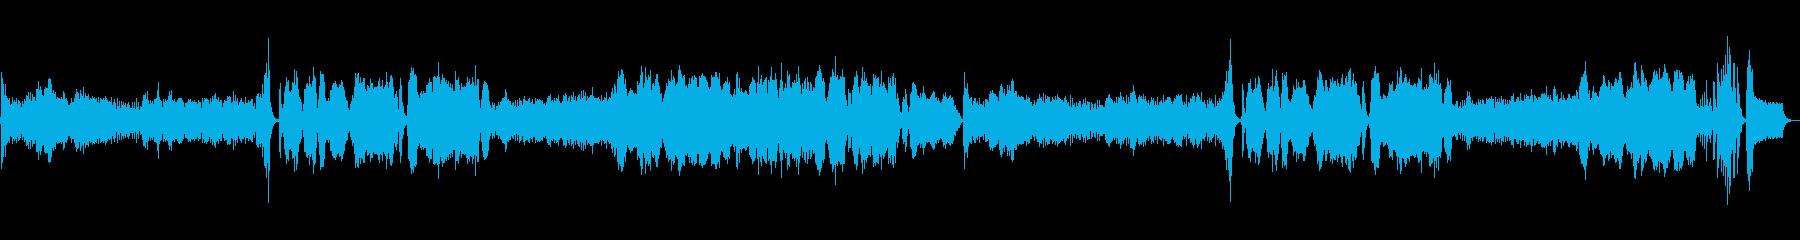 不気味な緊張感のある曲の再生済みの波形